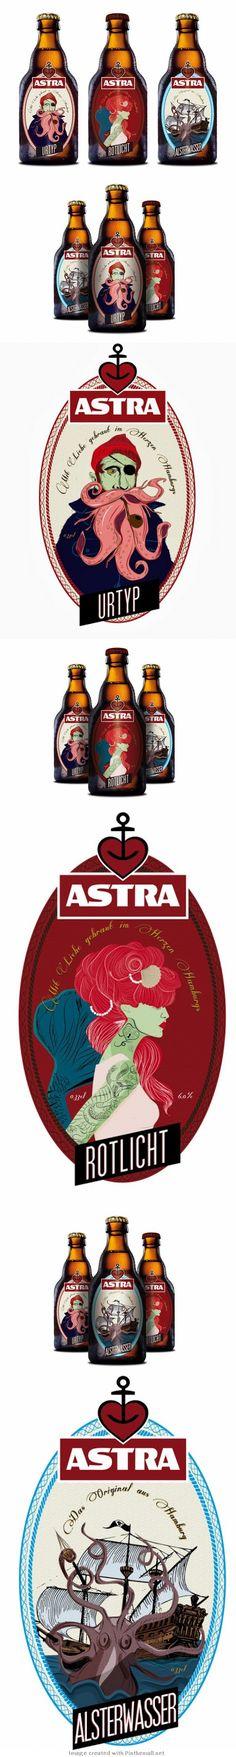 Niet te hachelen, maar typisch Hamburgs: Astra Bier...